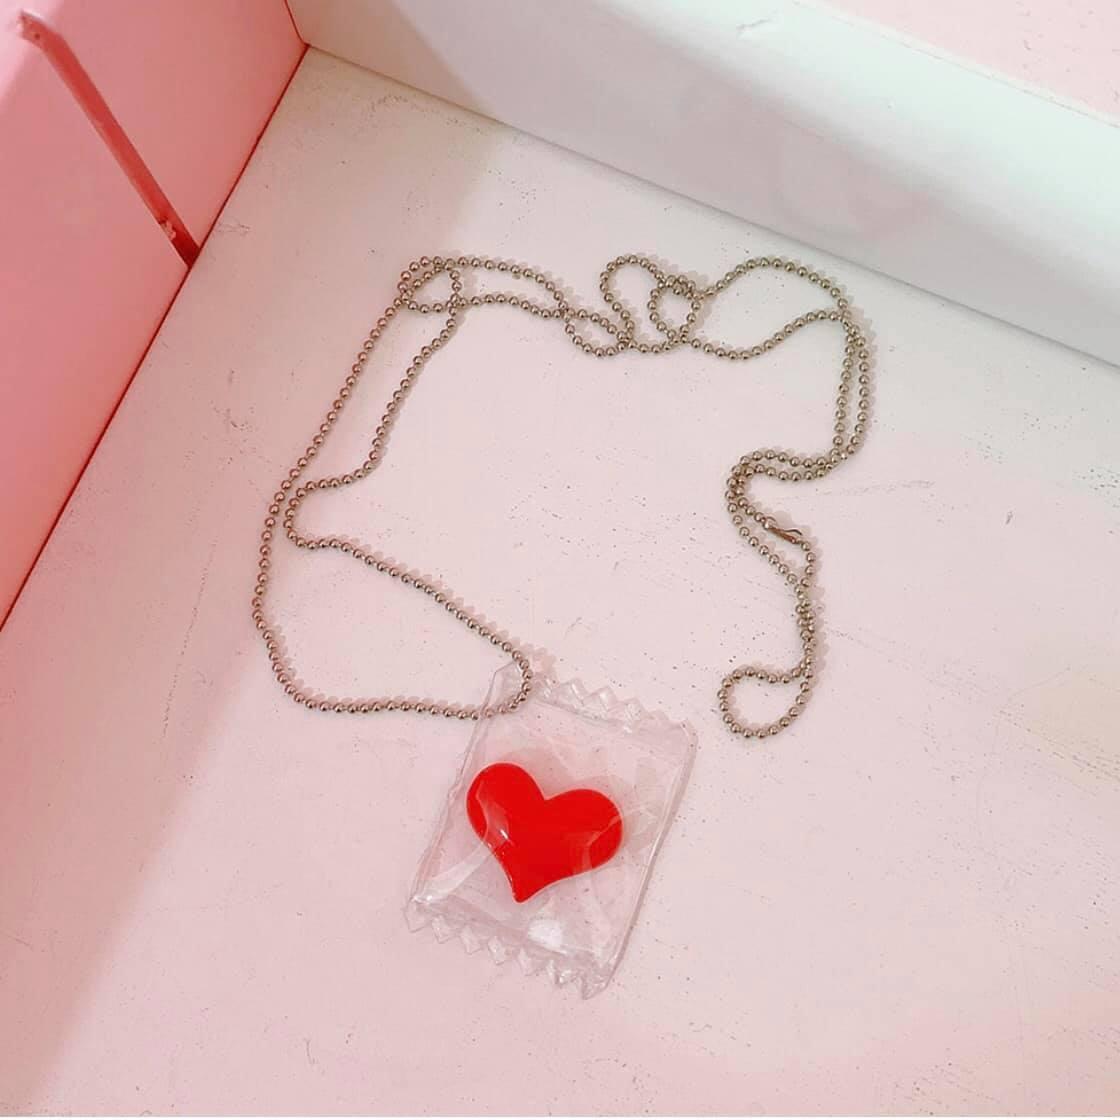 Dây chuyền mặt hình trái tim đỏ